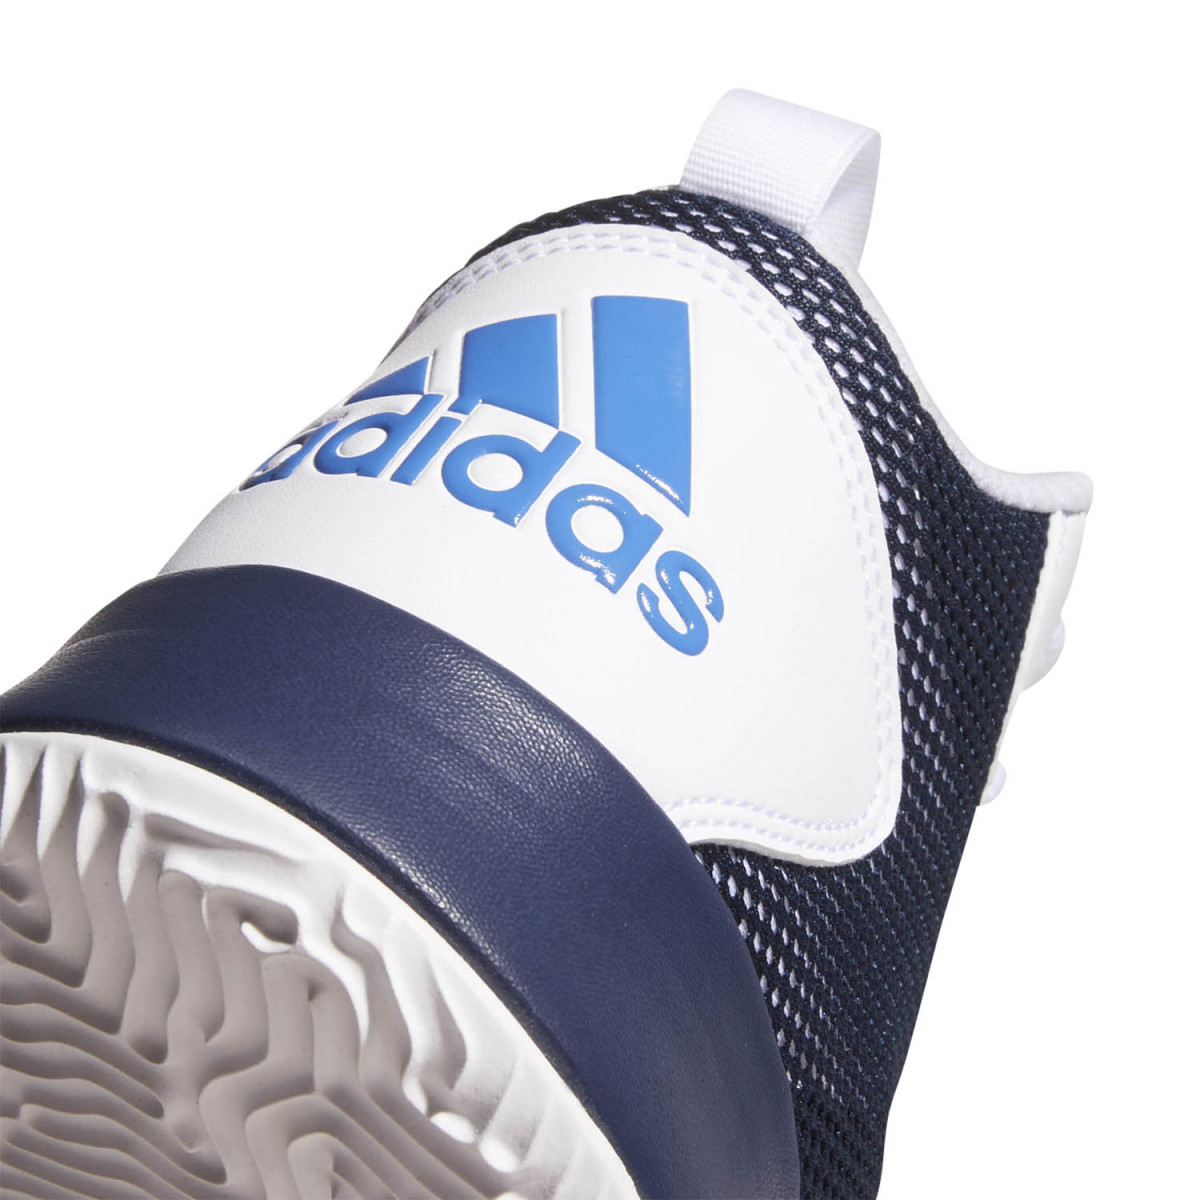 9396450fab4 Zapatillas Adidas Crazy Team II